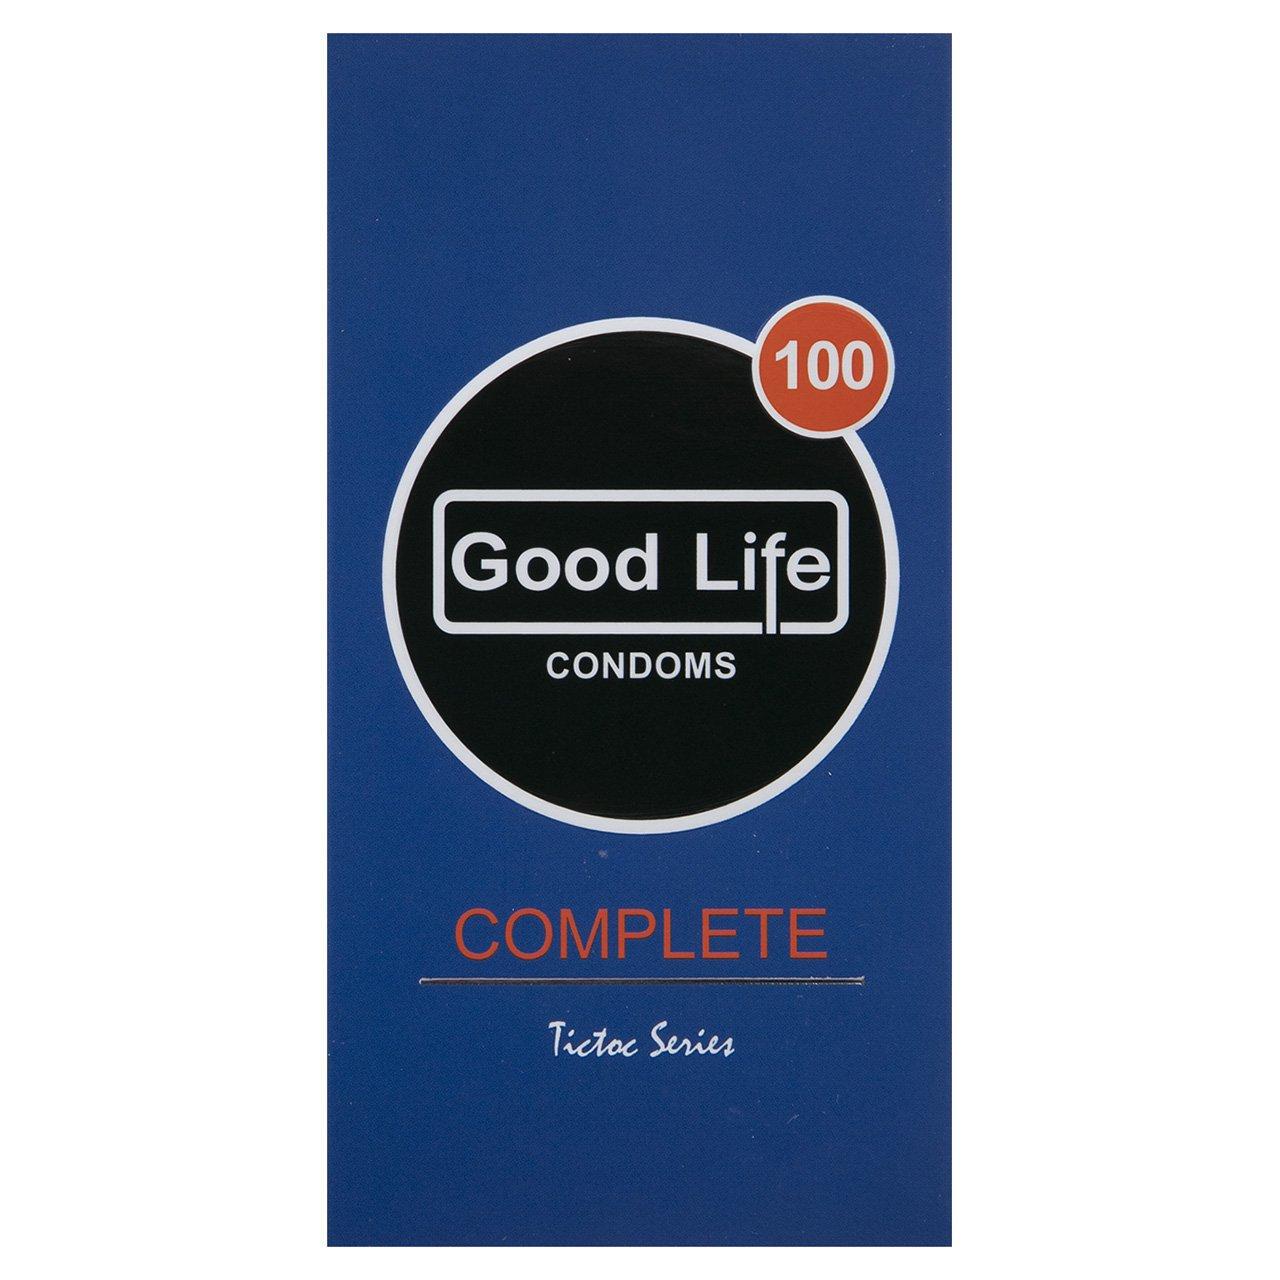 کاندوم گودلایف مدل Complete بسته 12 عددی